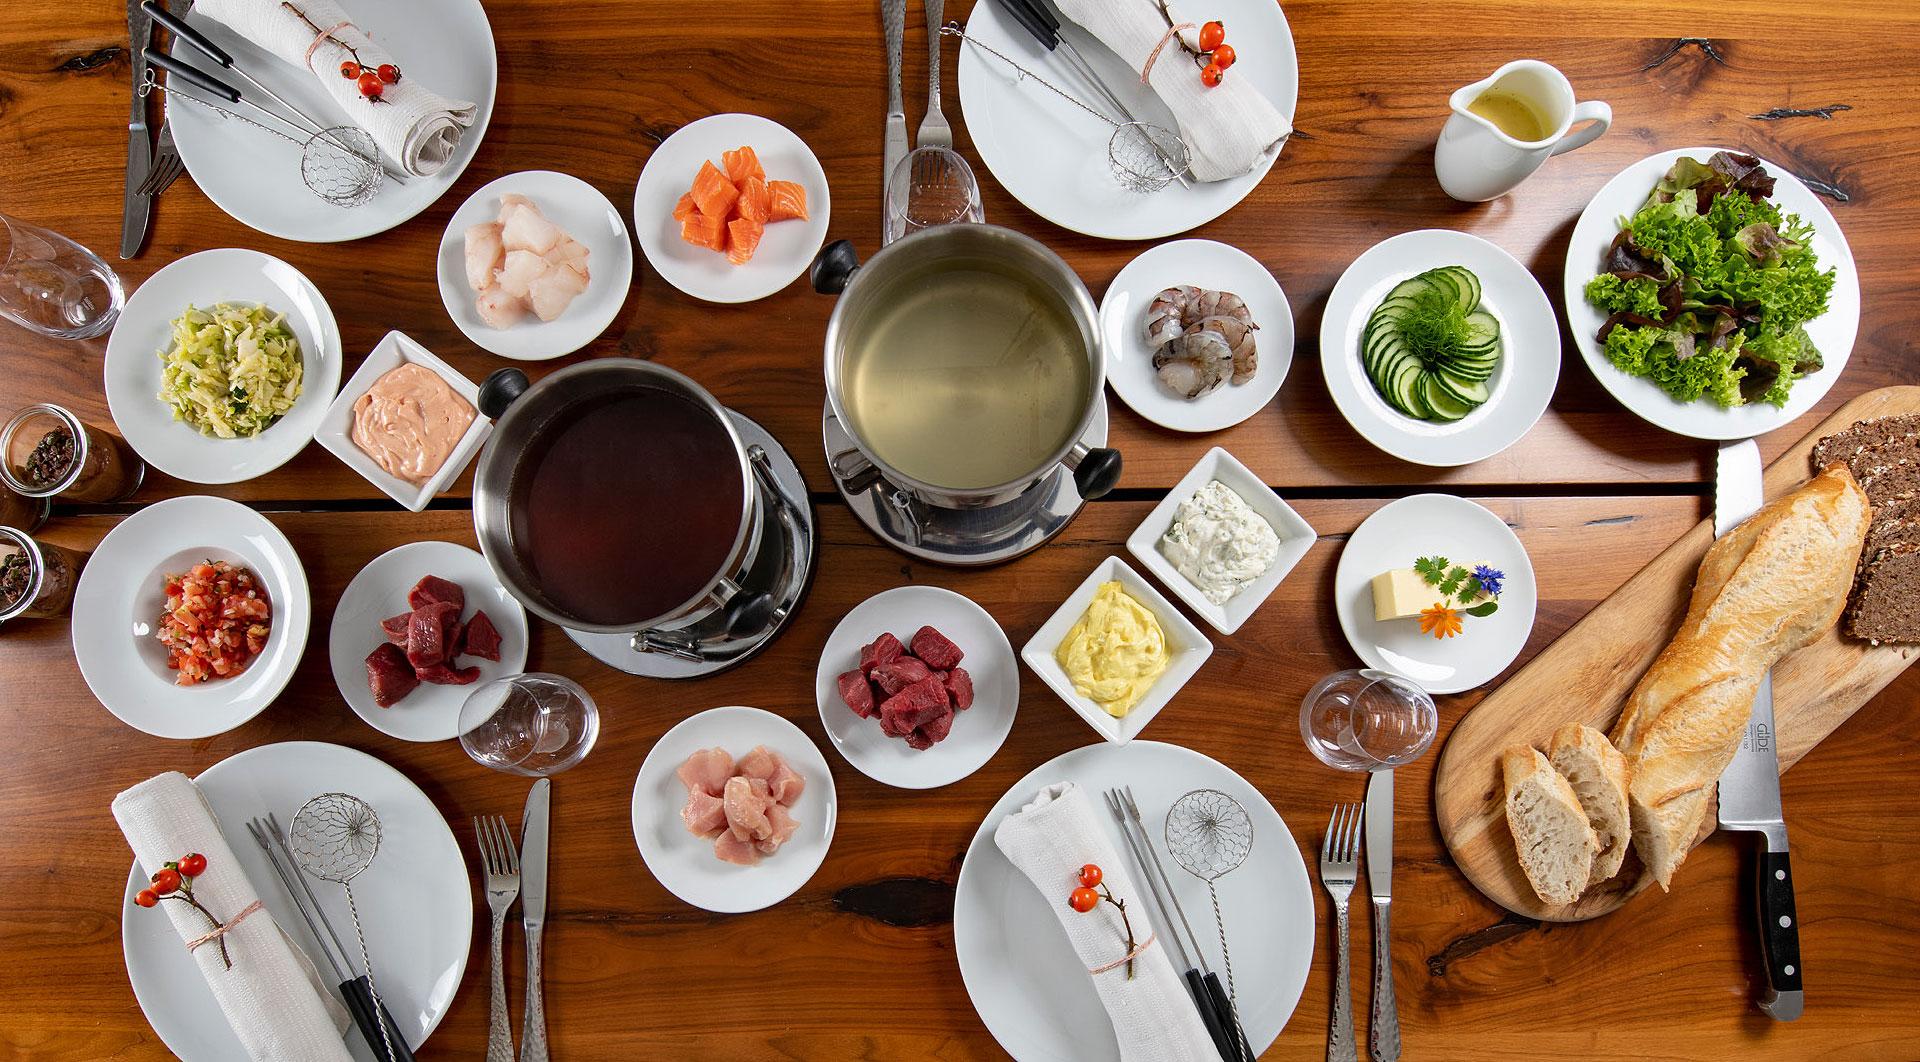 koekken_restaurant_food_benen-diken-hof_2020_02-7